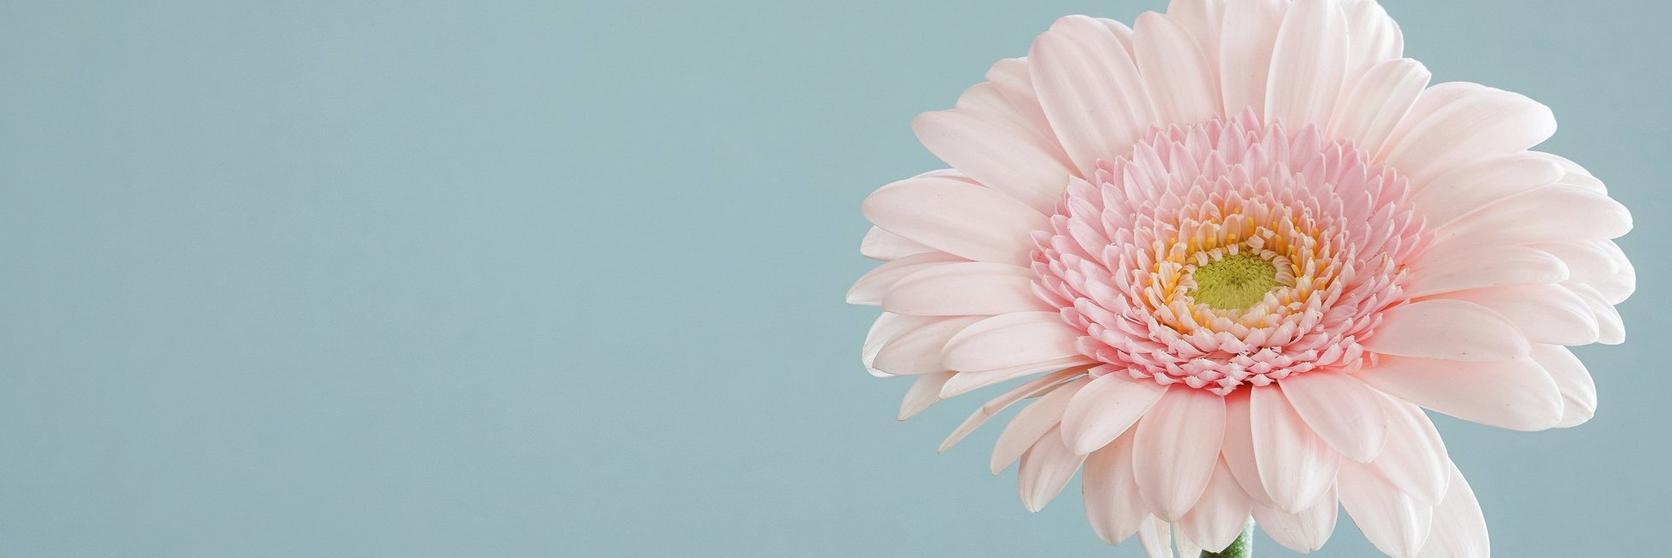 gerbera-daisy-pink